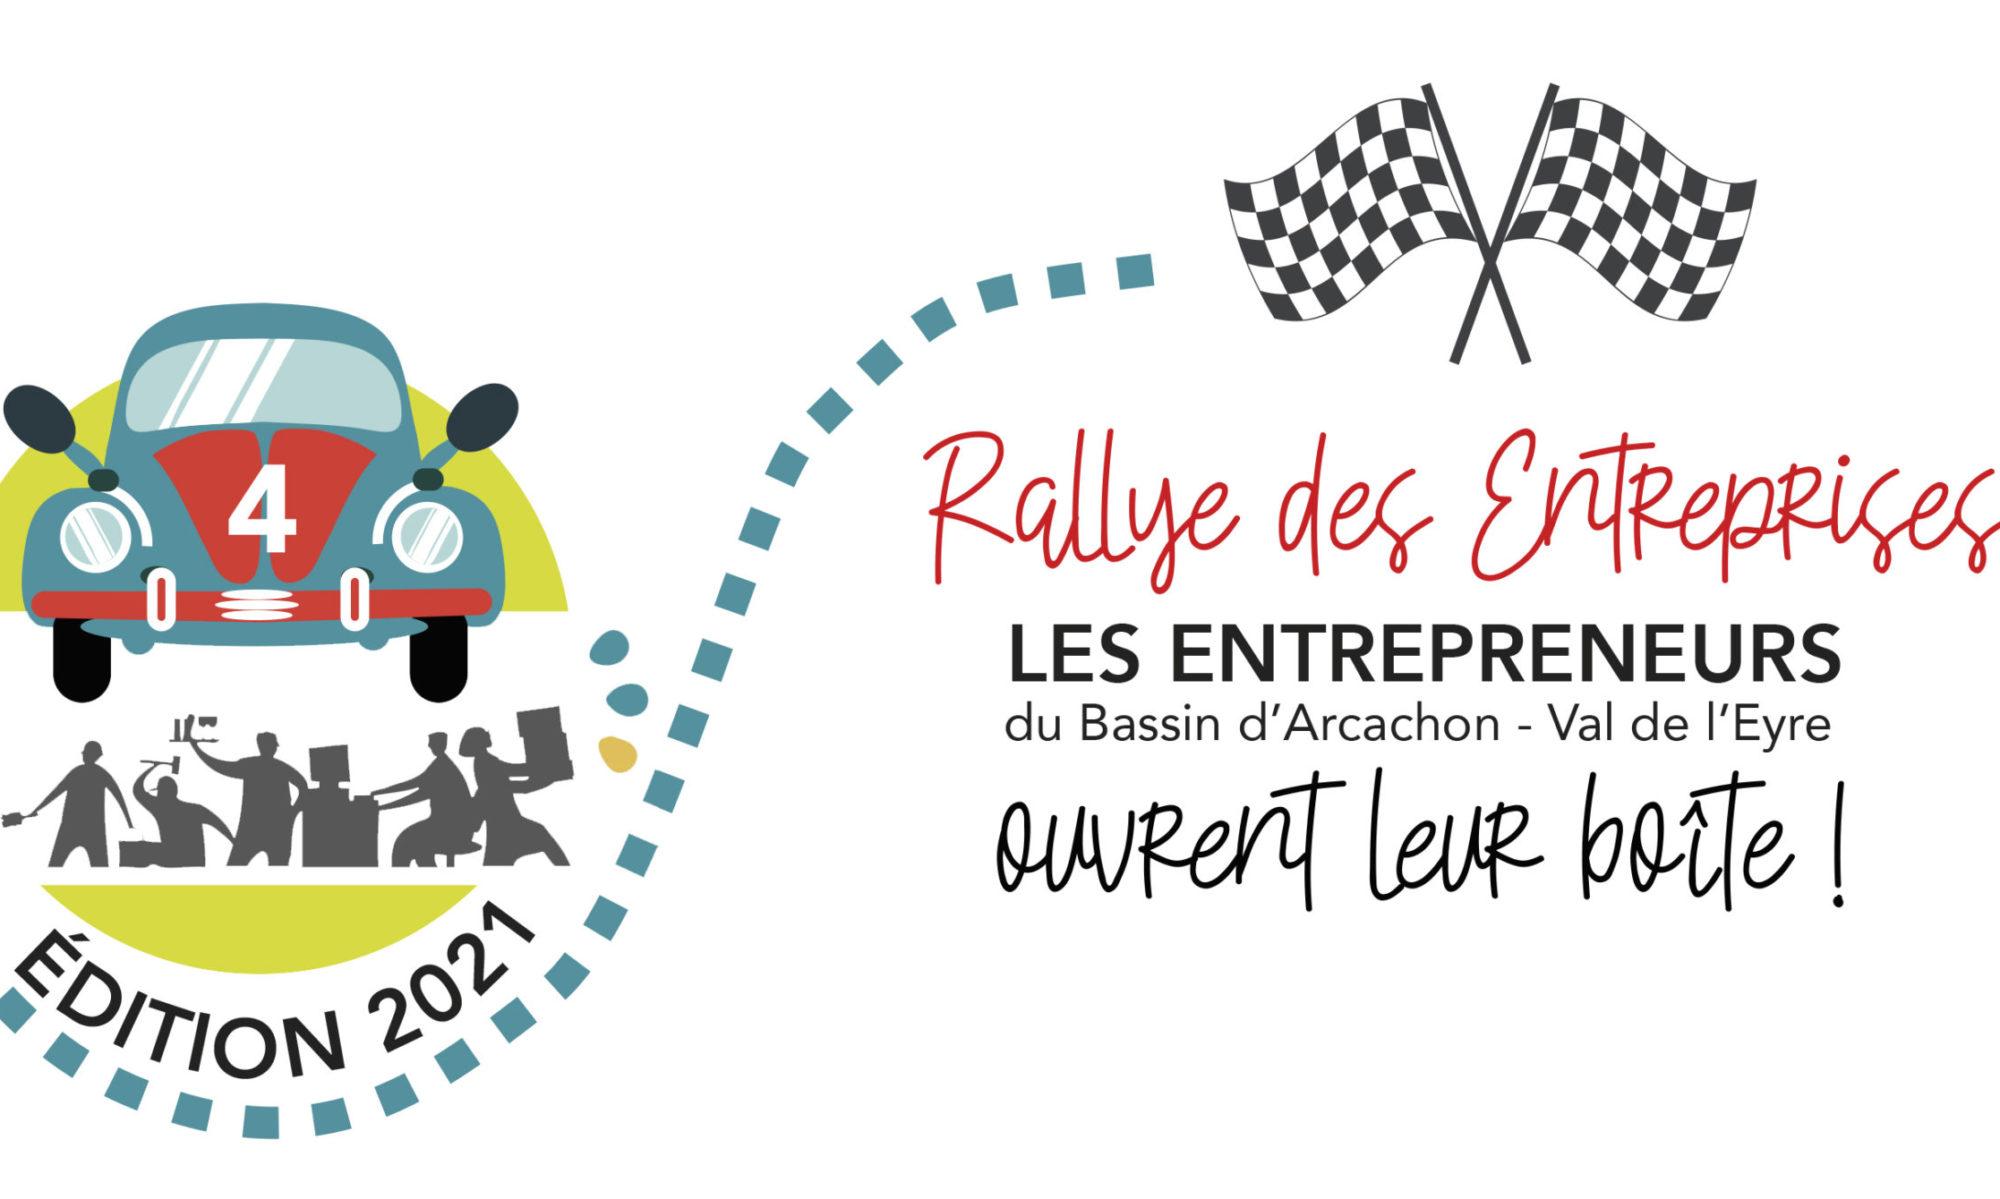 Rallye des Entreprises du Bassin d'Arcachon Val de l'Eyre